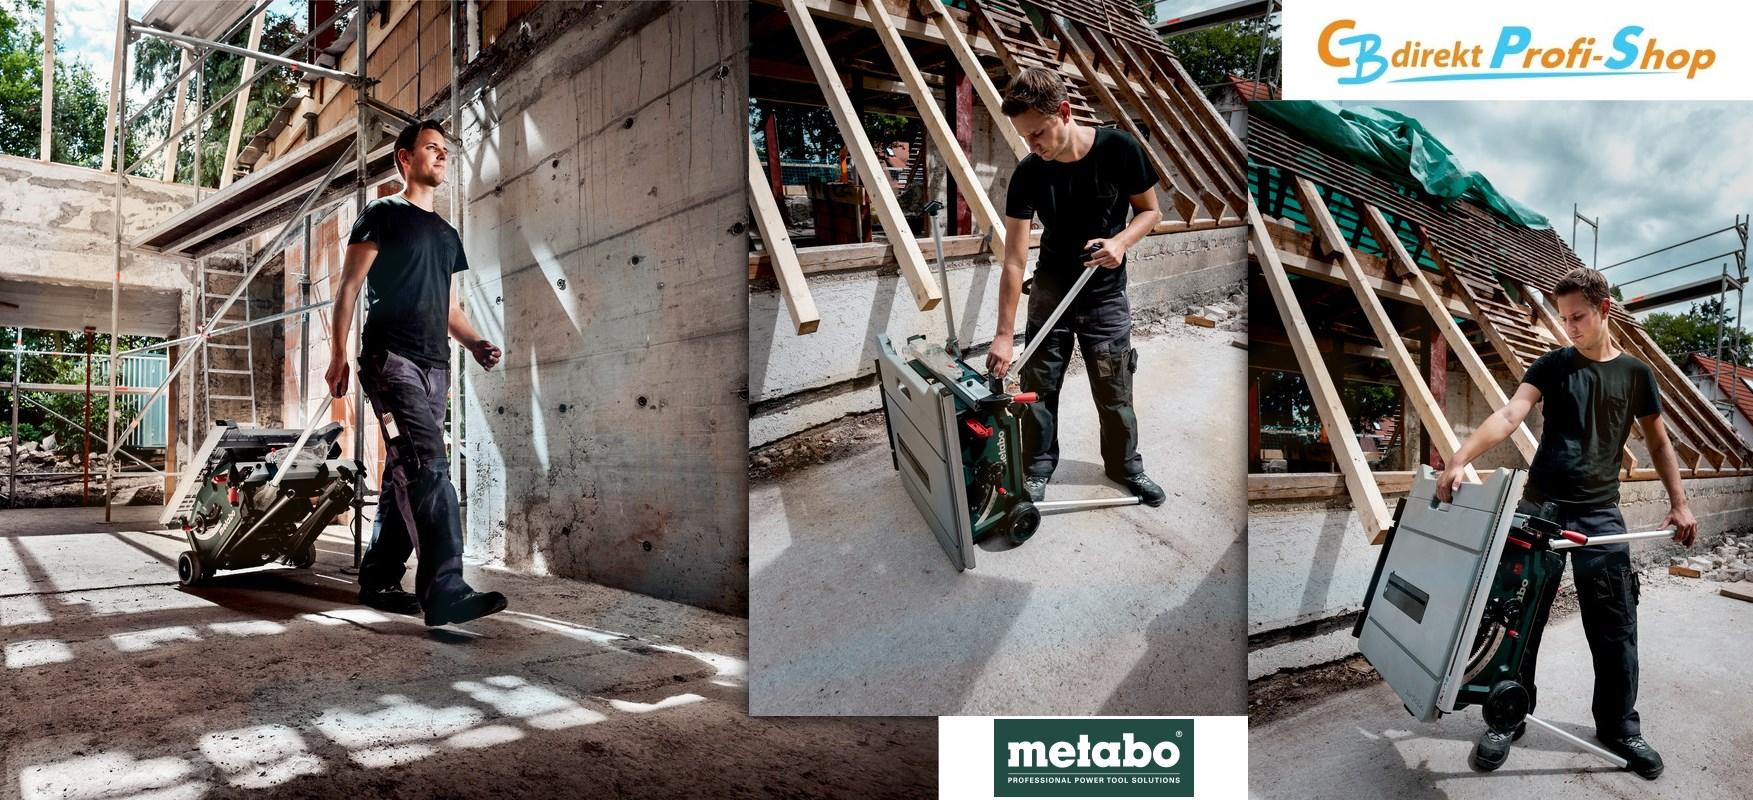 Metabo Akku-Tischkreissäge mit Trolleyfunktion und Aufbau